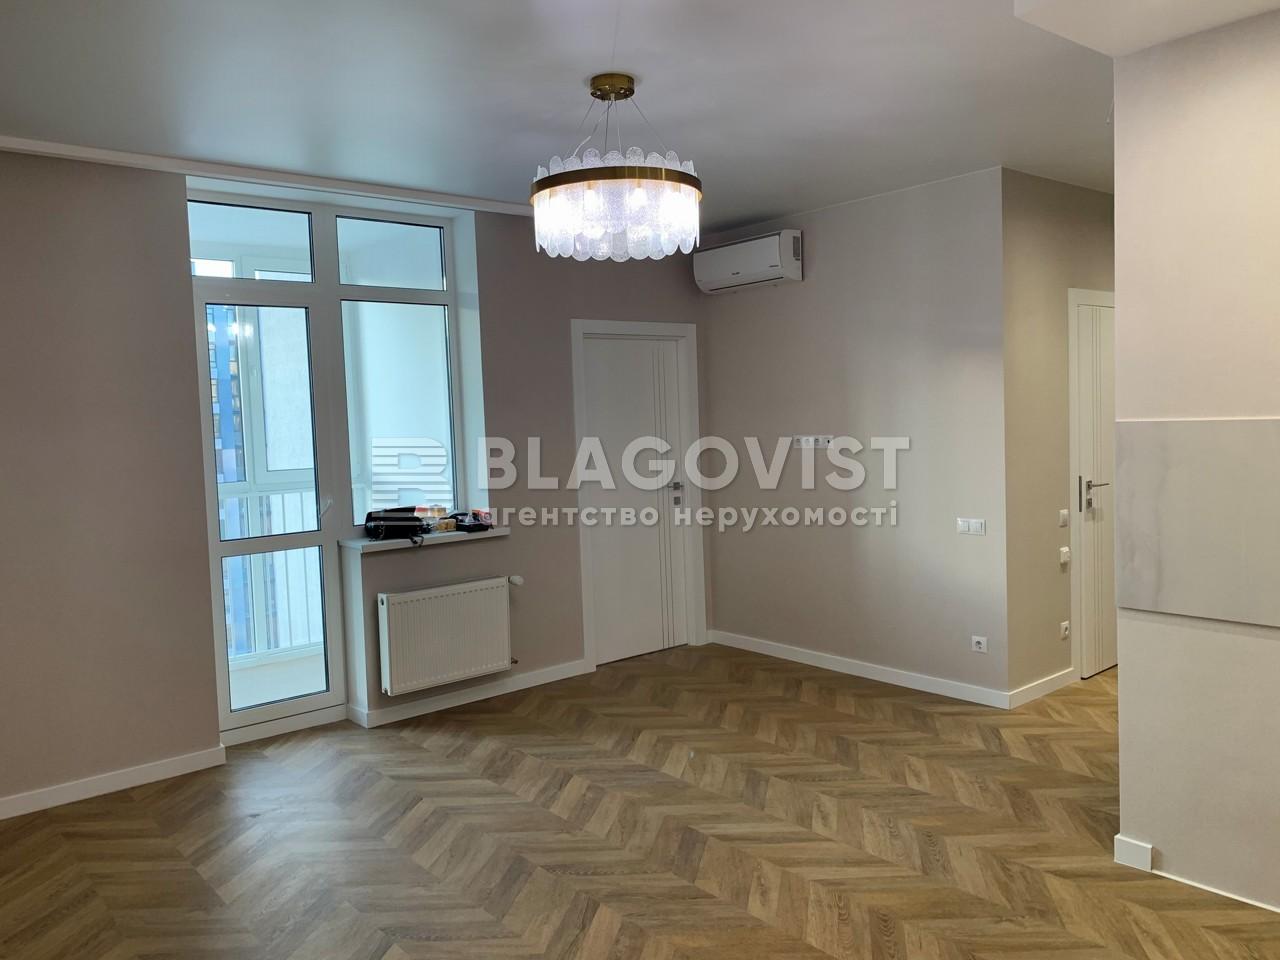 Квартира D-36914, Тираспольская, 54, Киев - Фото 6